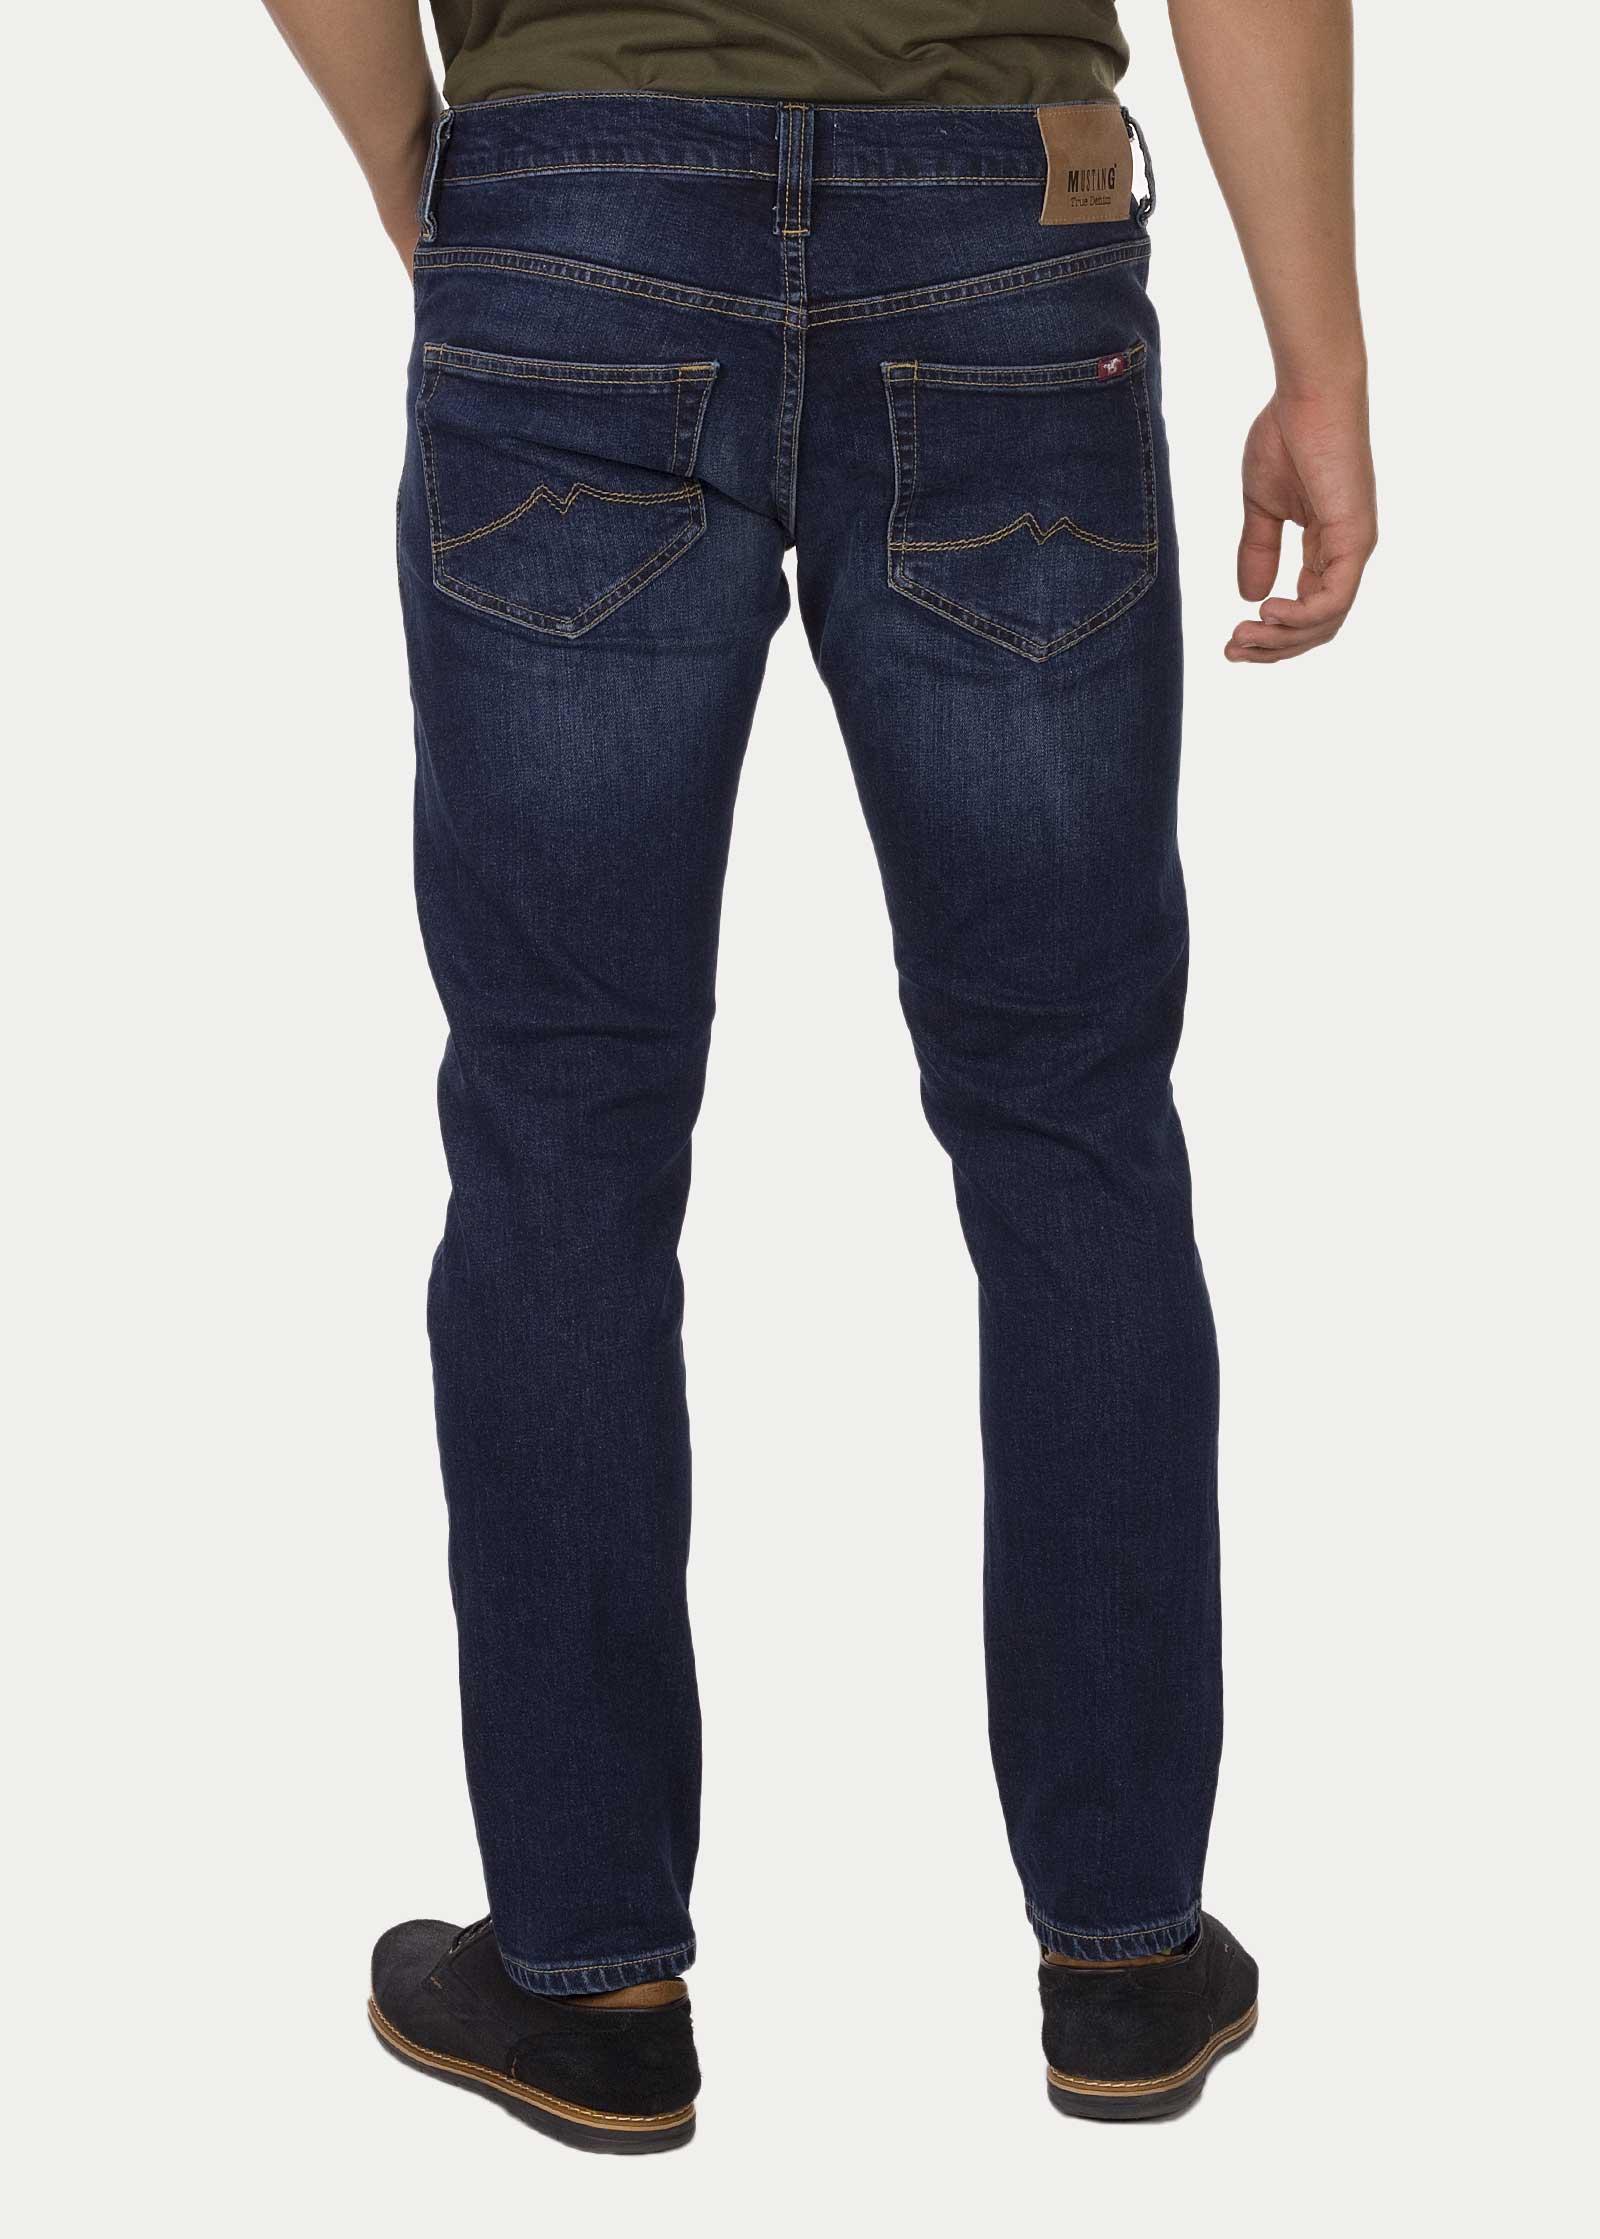 m skie spodnie mustang oregon tapered 882 denim blue 1006593 5000 882. Black Bedroom Furniture Sets. Home Design Ideas